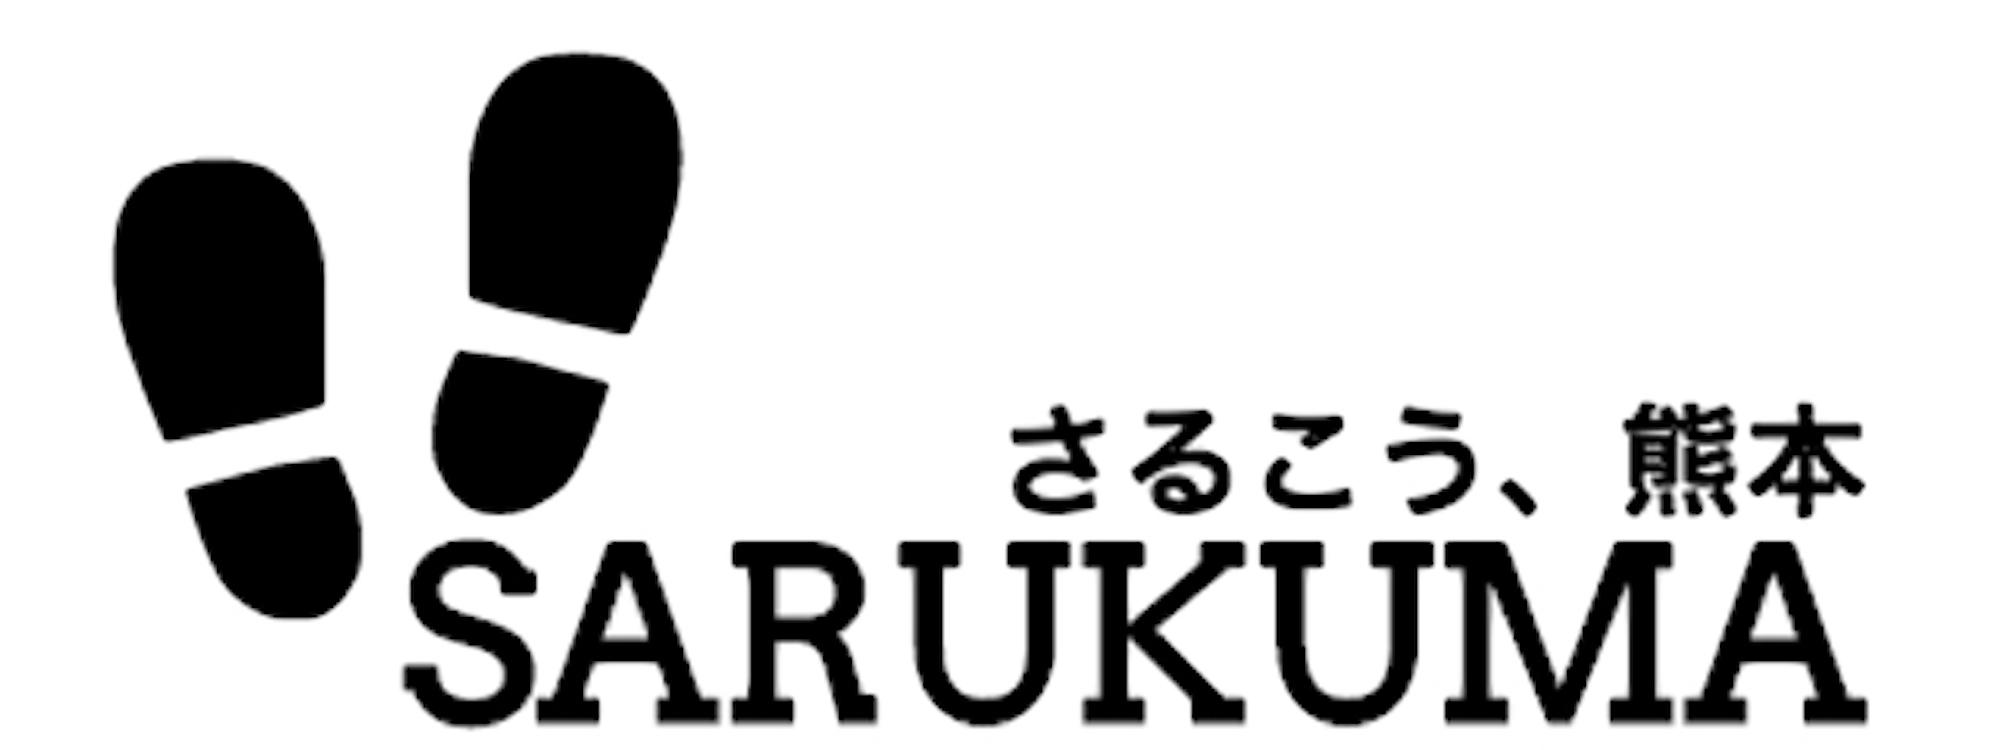 さるクマ-さるこう、熊本-